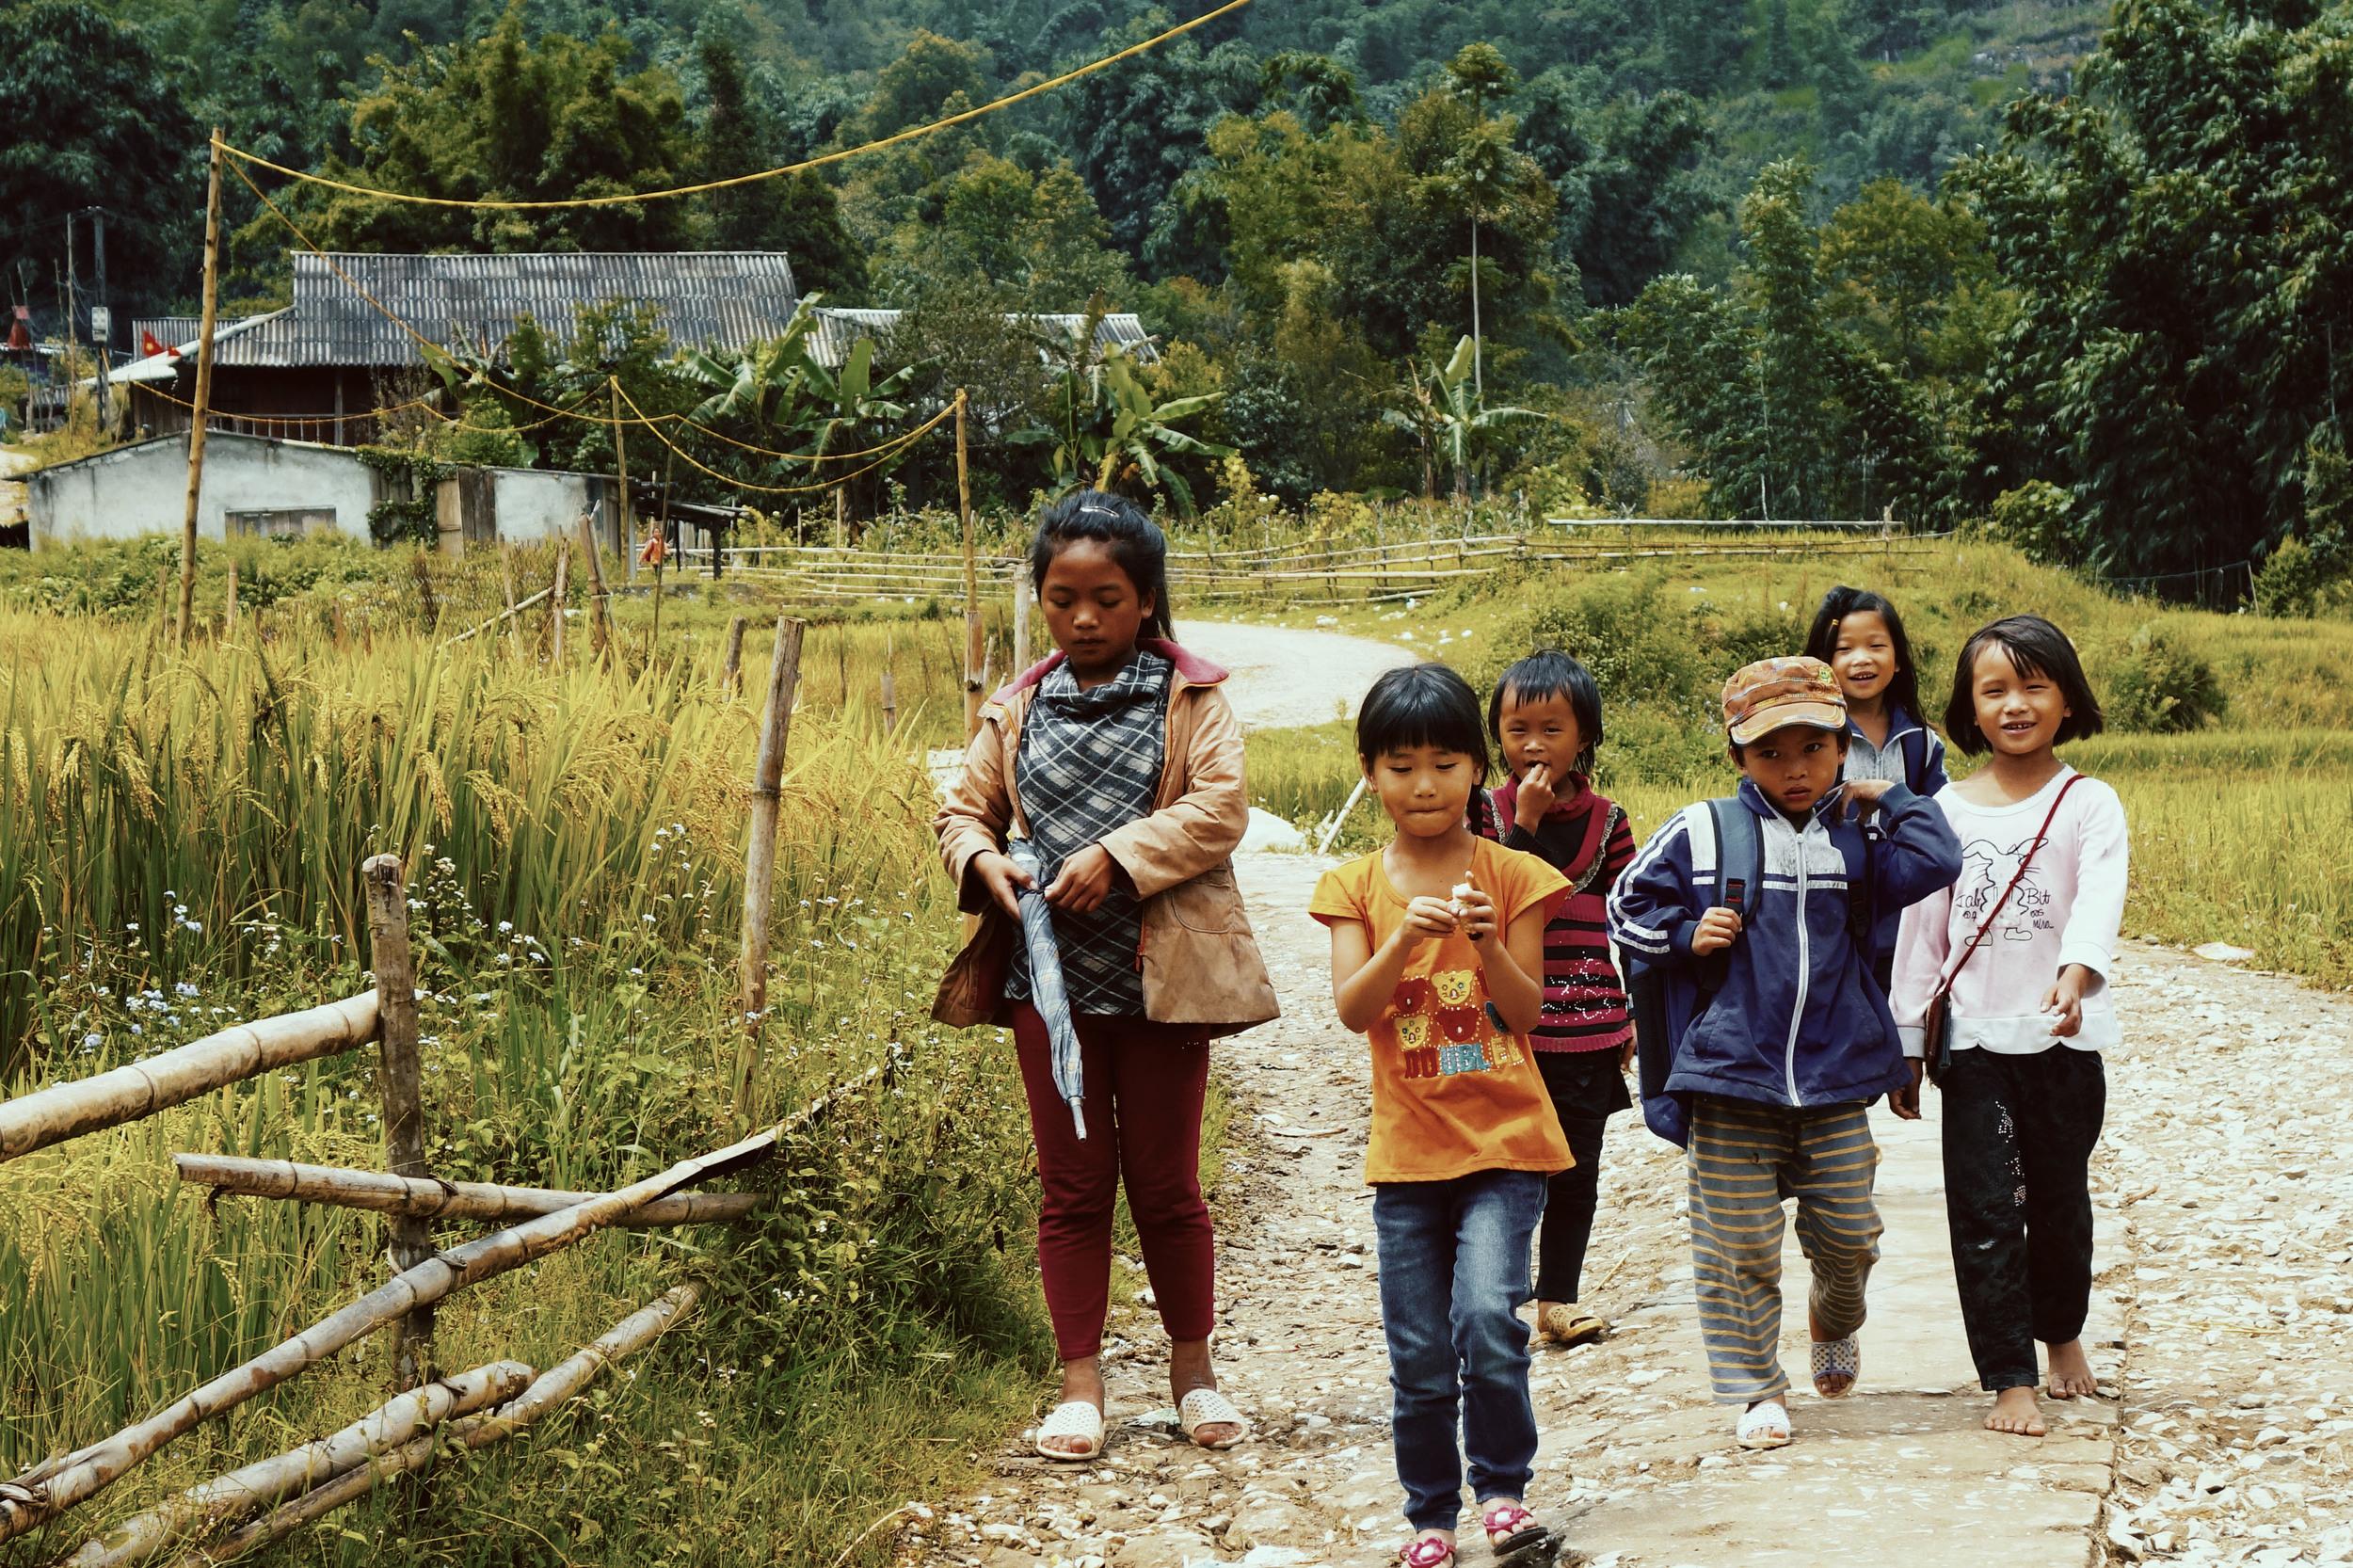 越南萨帕稻田里的孩子们- illumelation.combeplay3体育官方下载